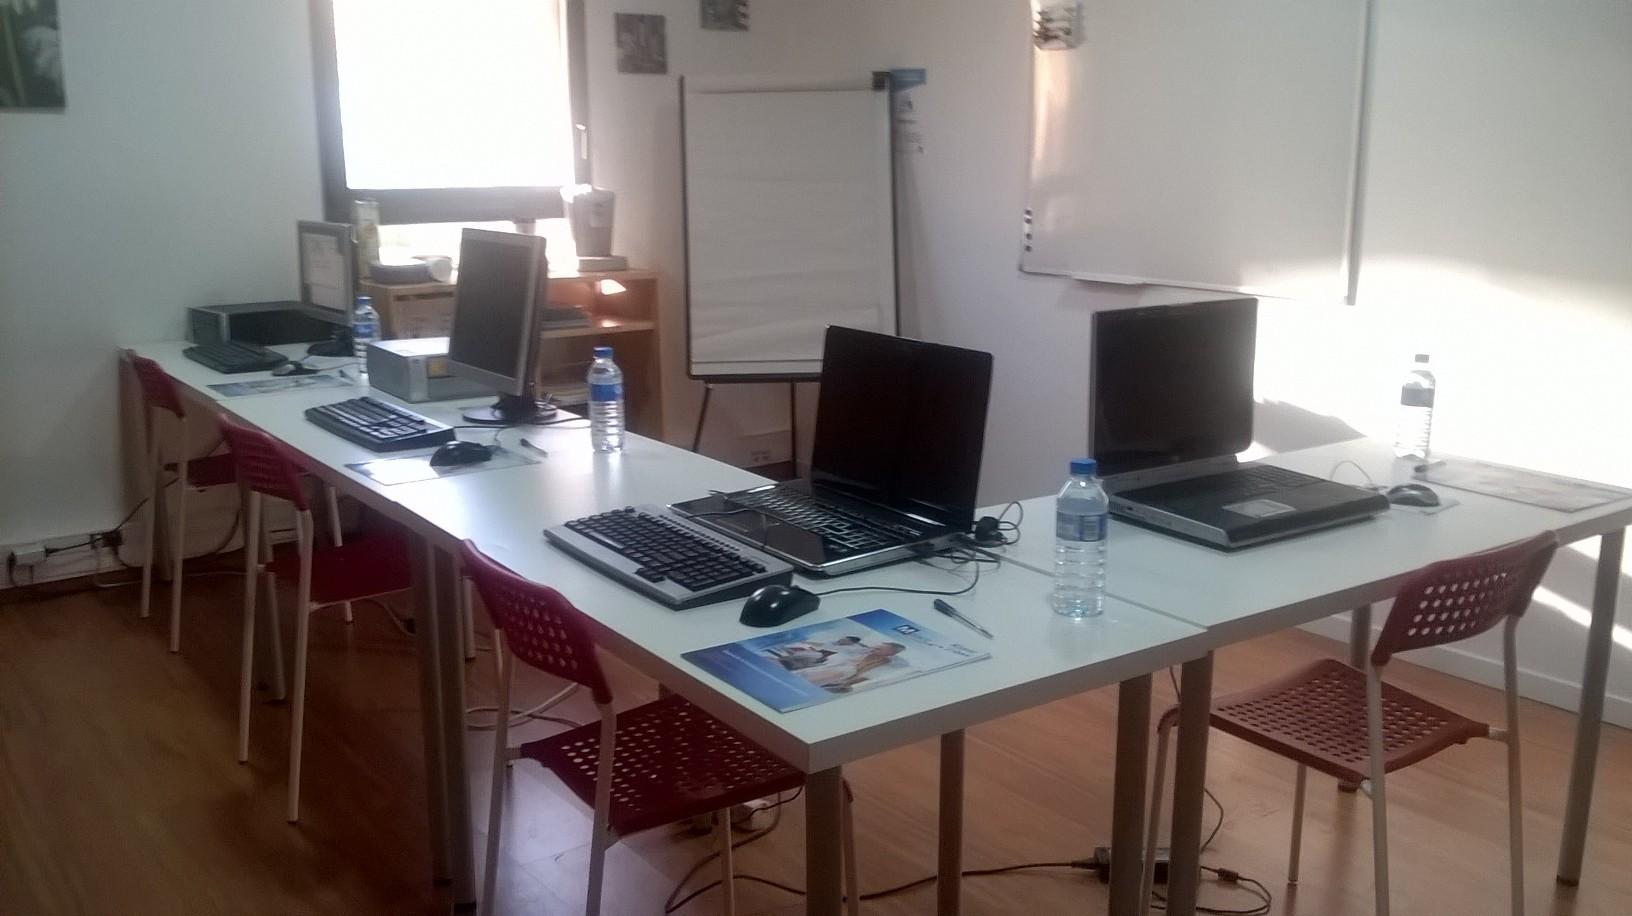 Notre salle de formation équipée en informatique -capacité jusq'à 8 personnes